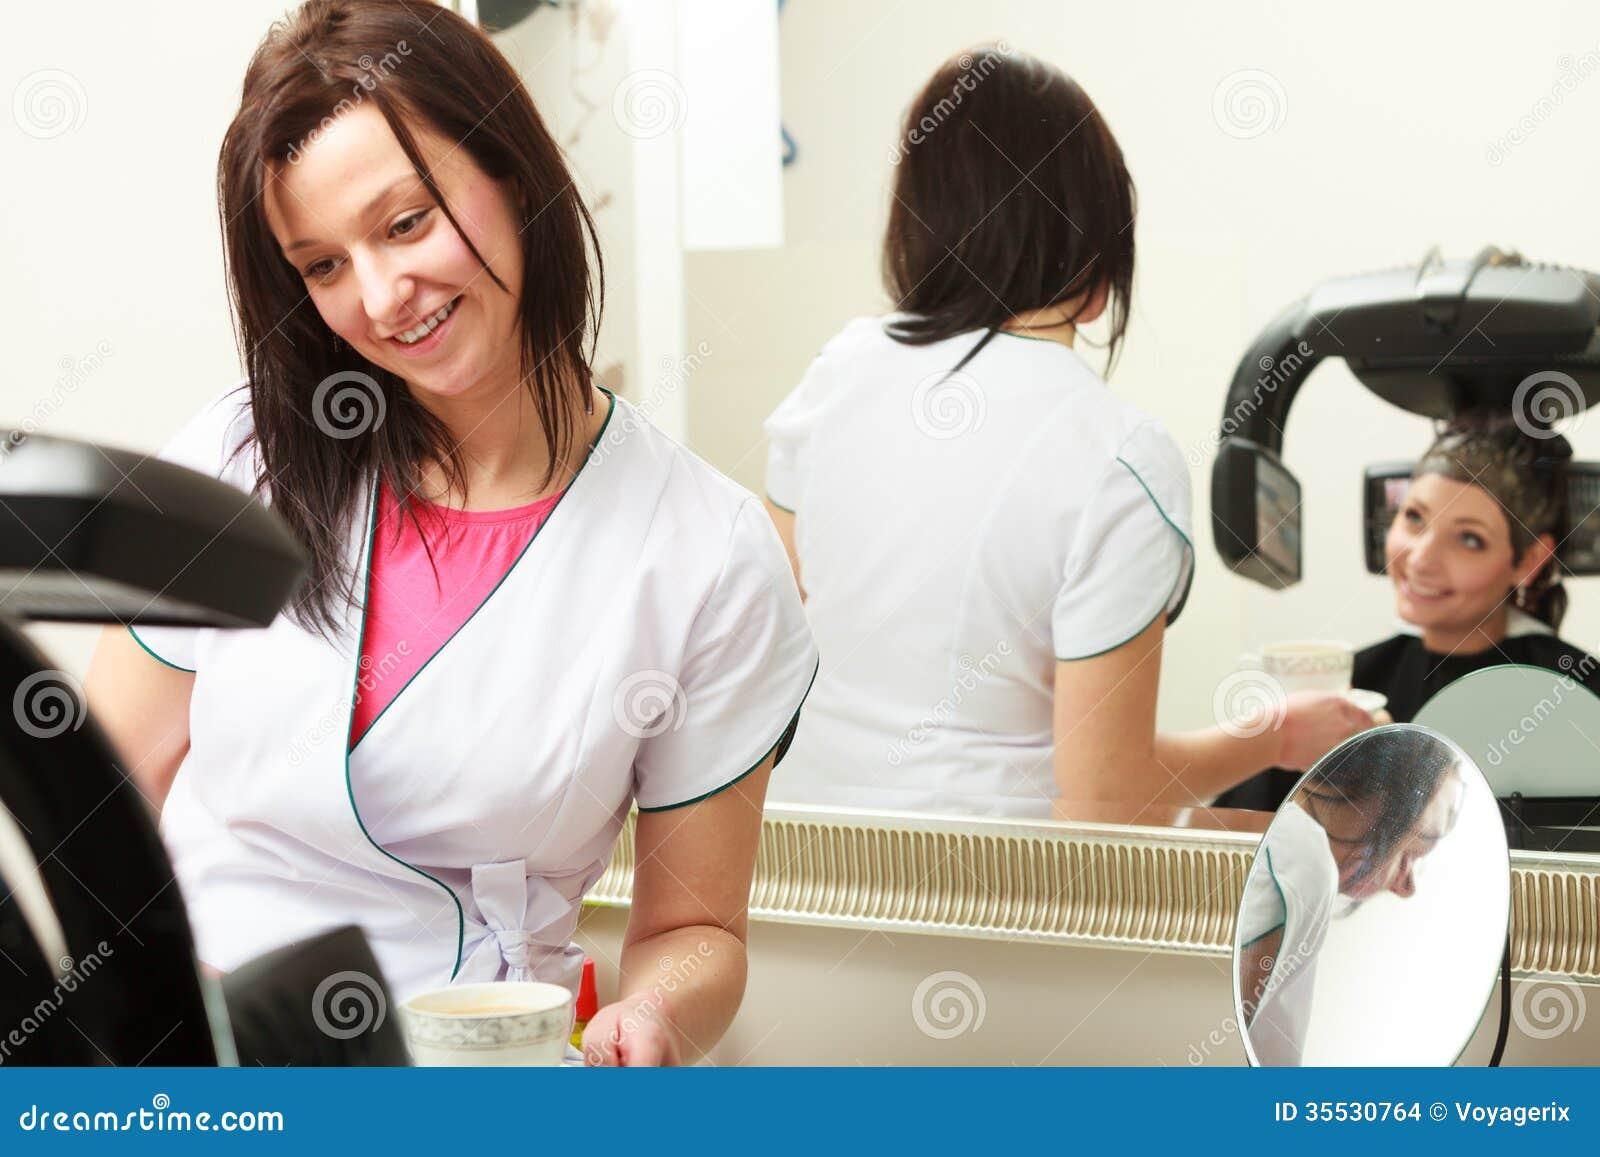 给杯子热的饮料饮料咖啡或茶妇女女性客户的美发师理发美容院的.图片